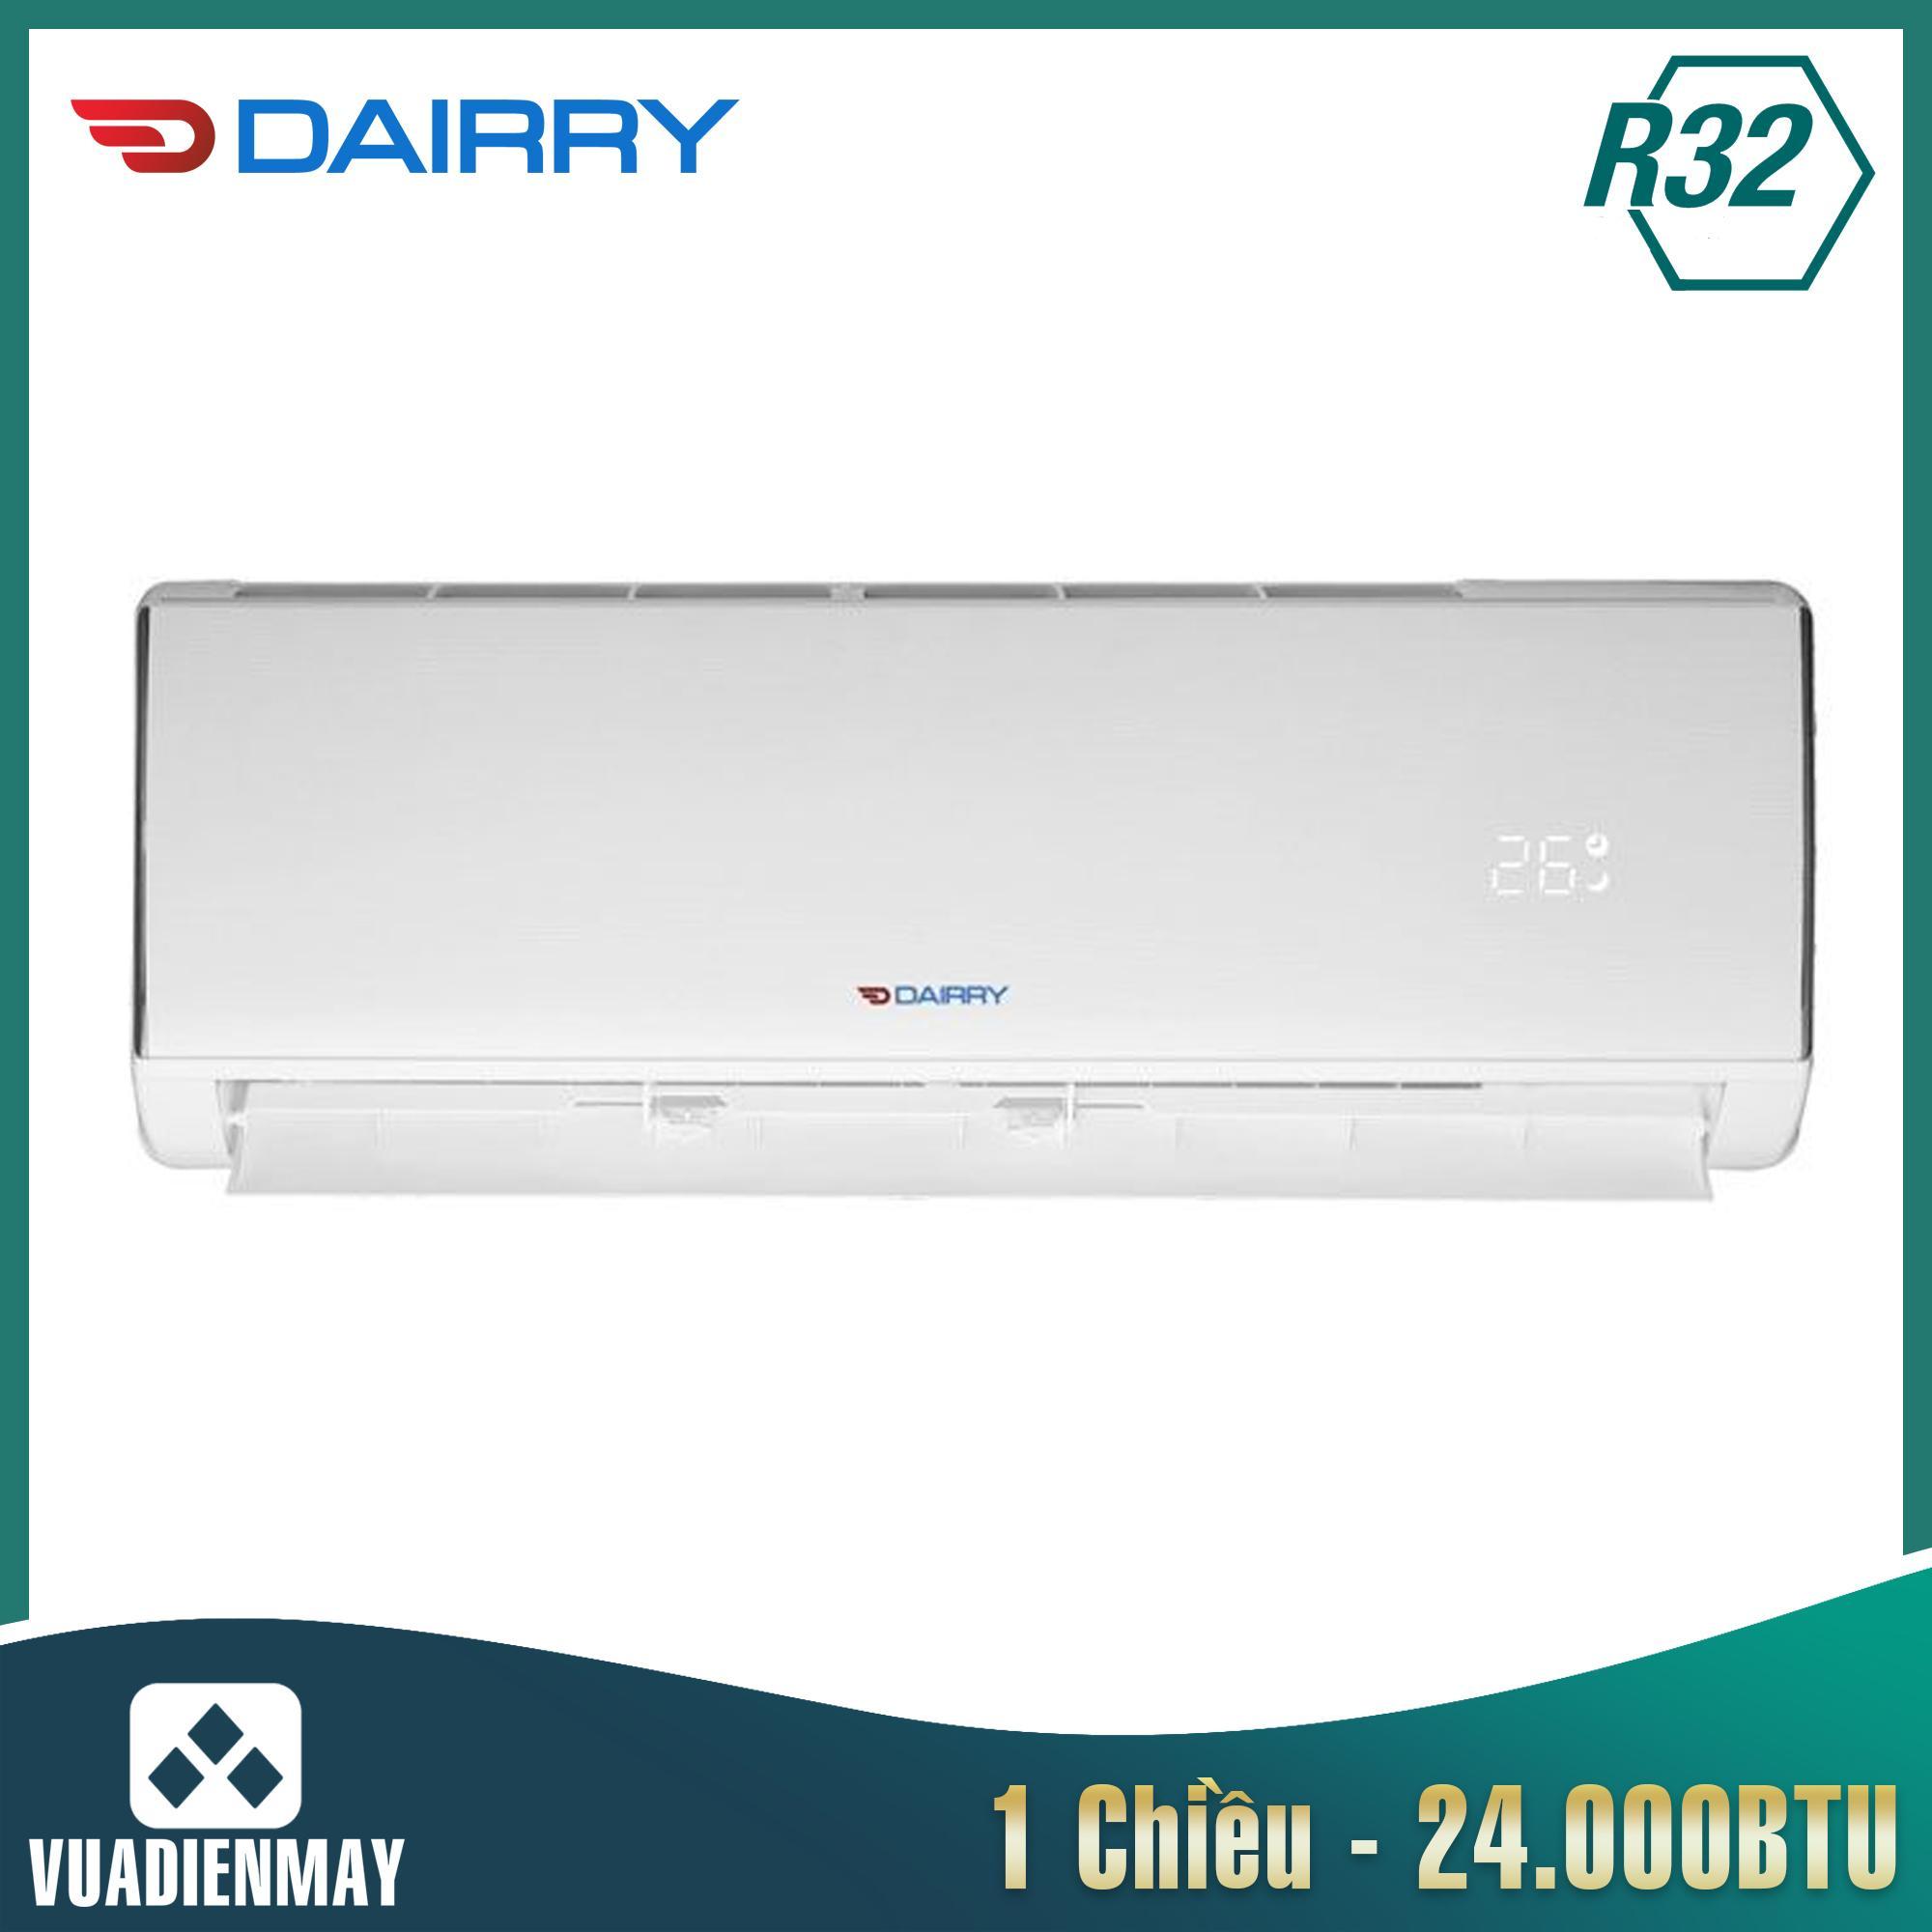 DR24-SKC, Điều hòa Dairry 24000BTU 1 chiều